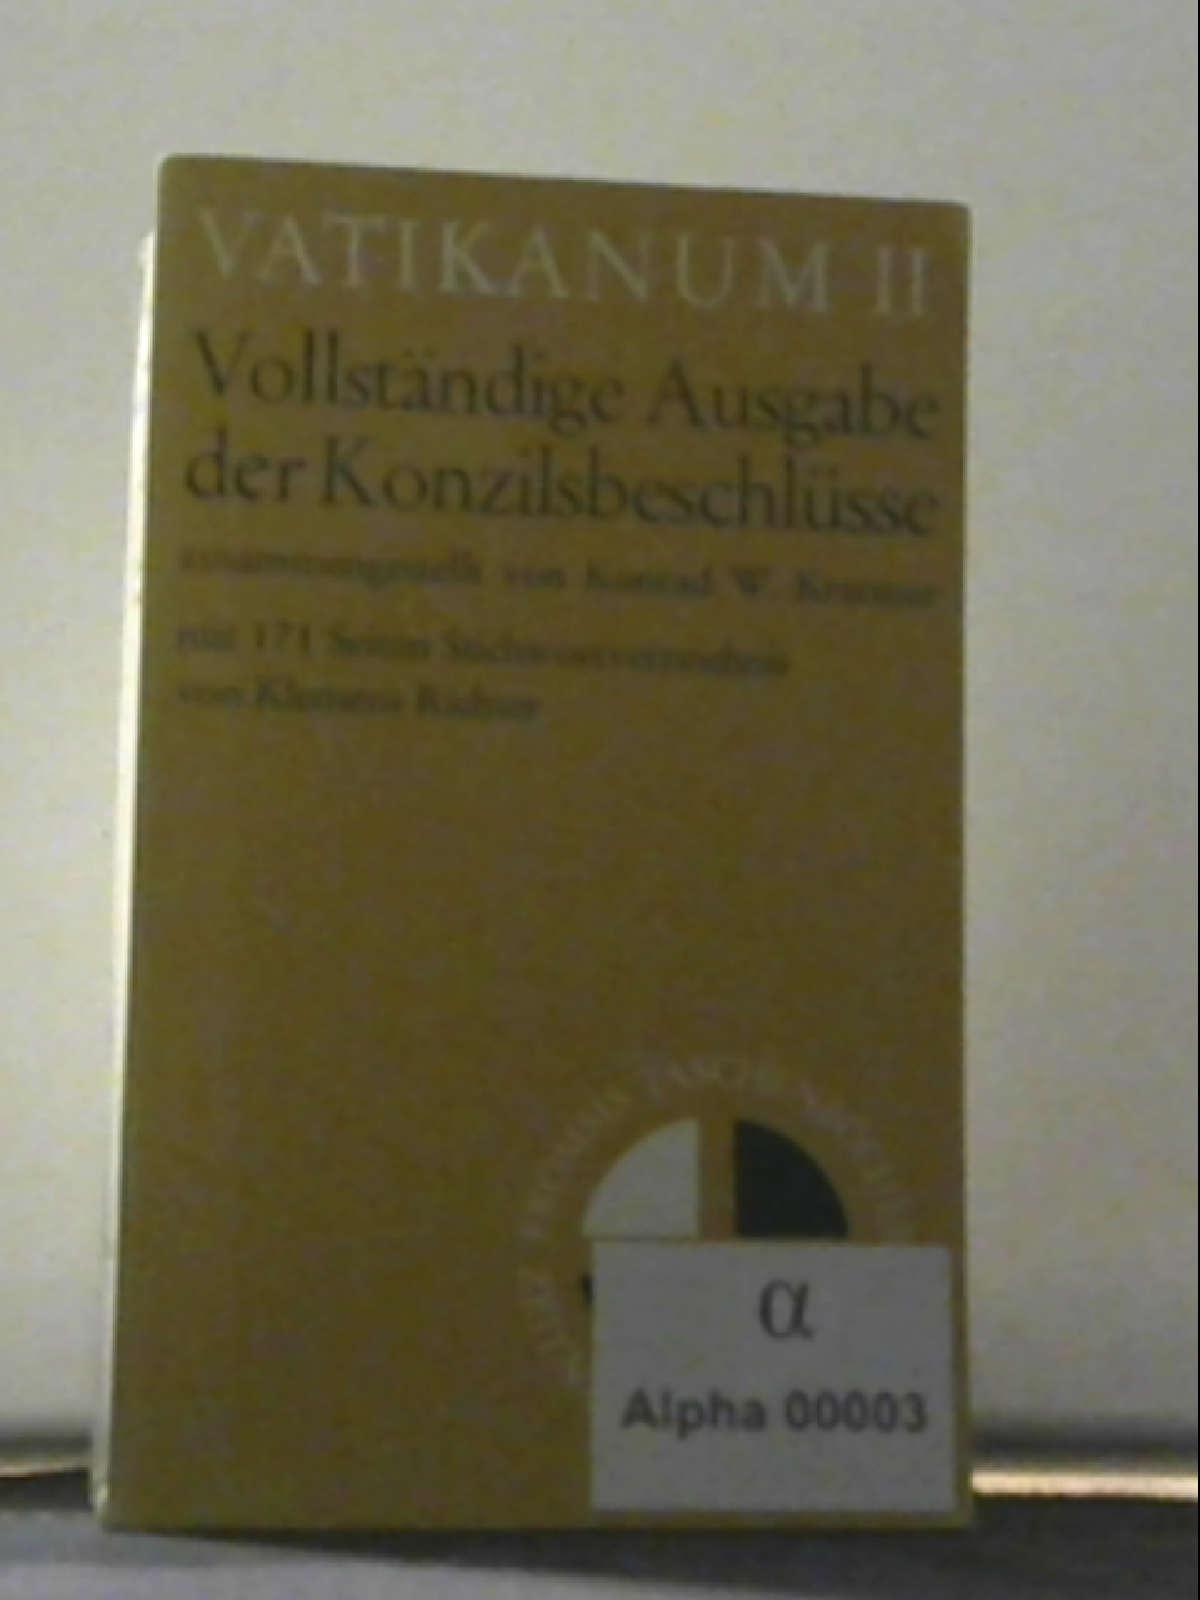 Vatikanum II. Vollständige Ausgabe der Konzilsbeschlüsse Taschenbuch